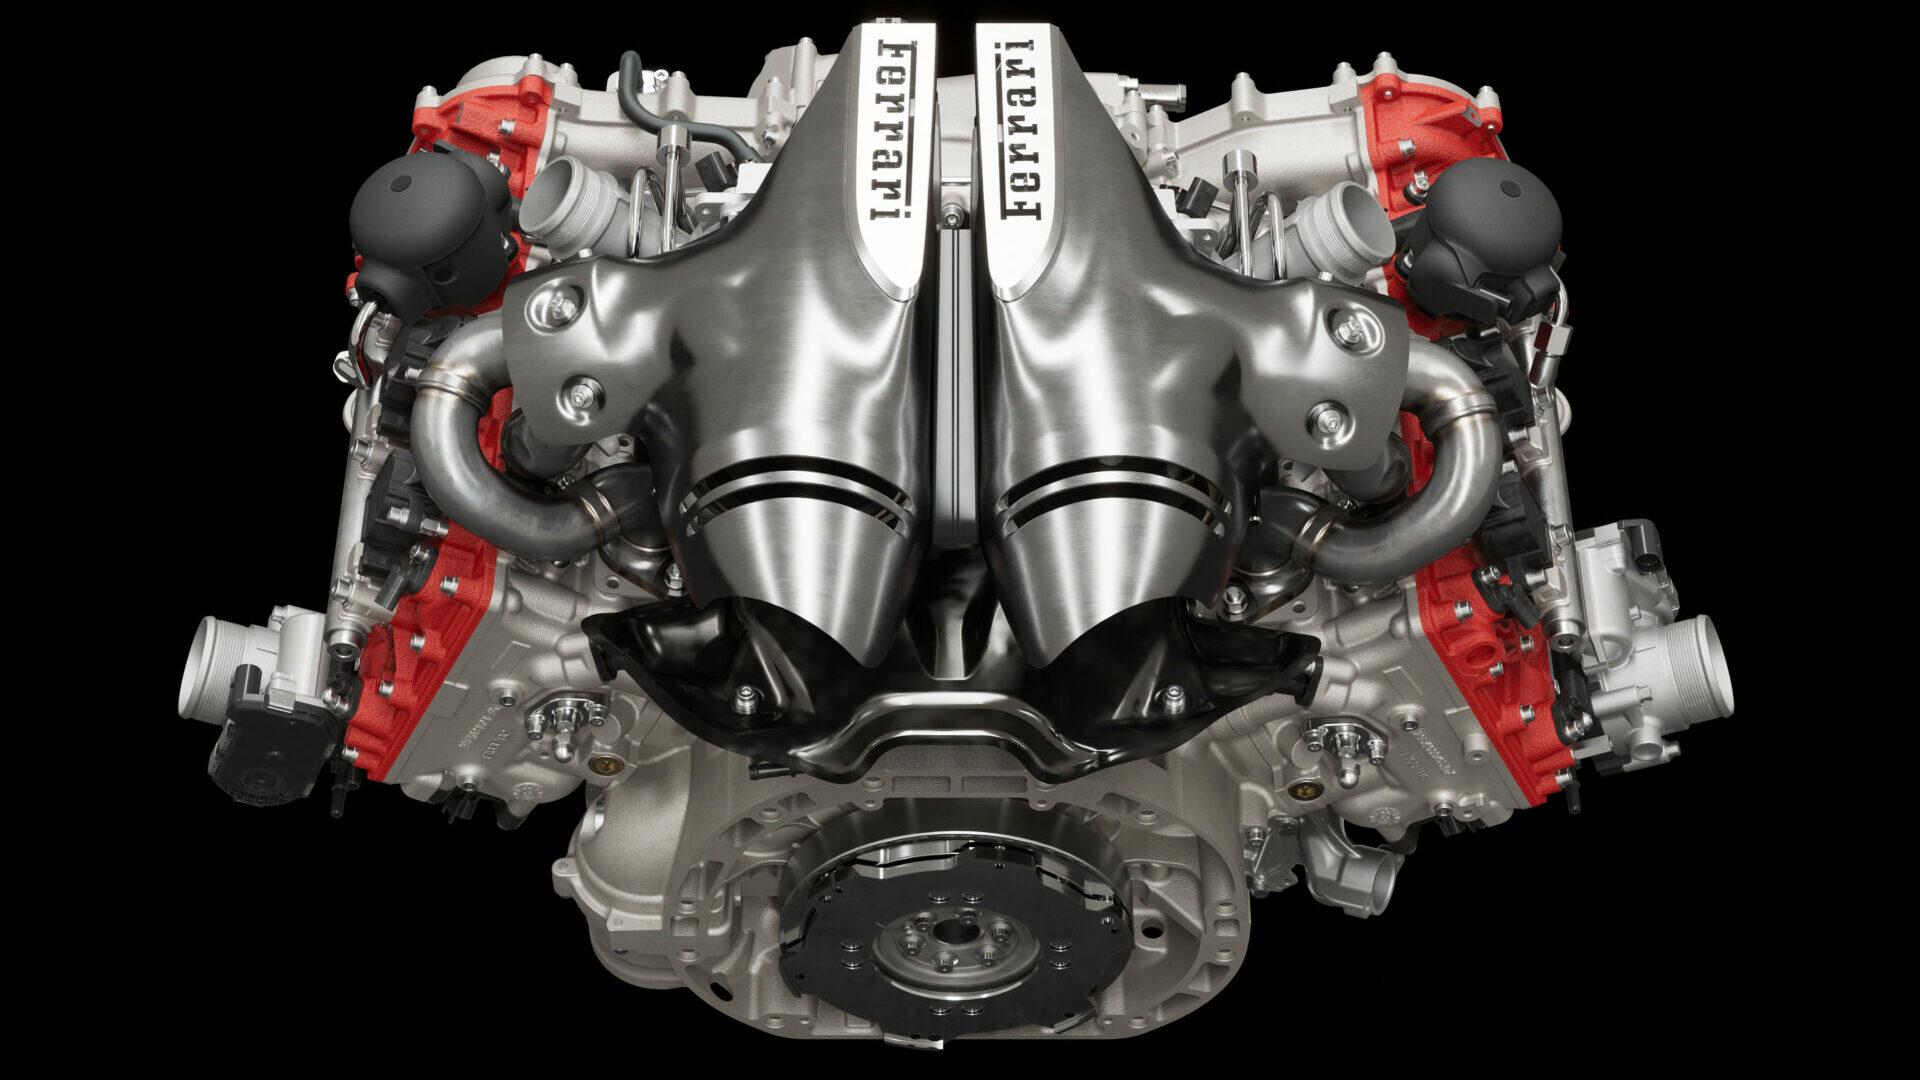 Ferrari 296 GTB motor